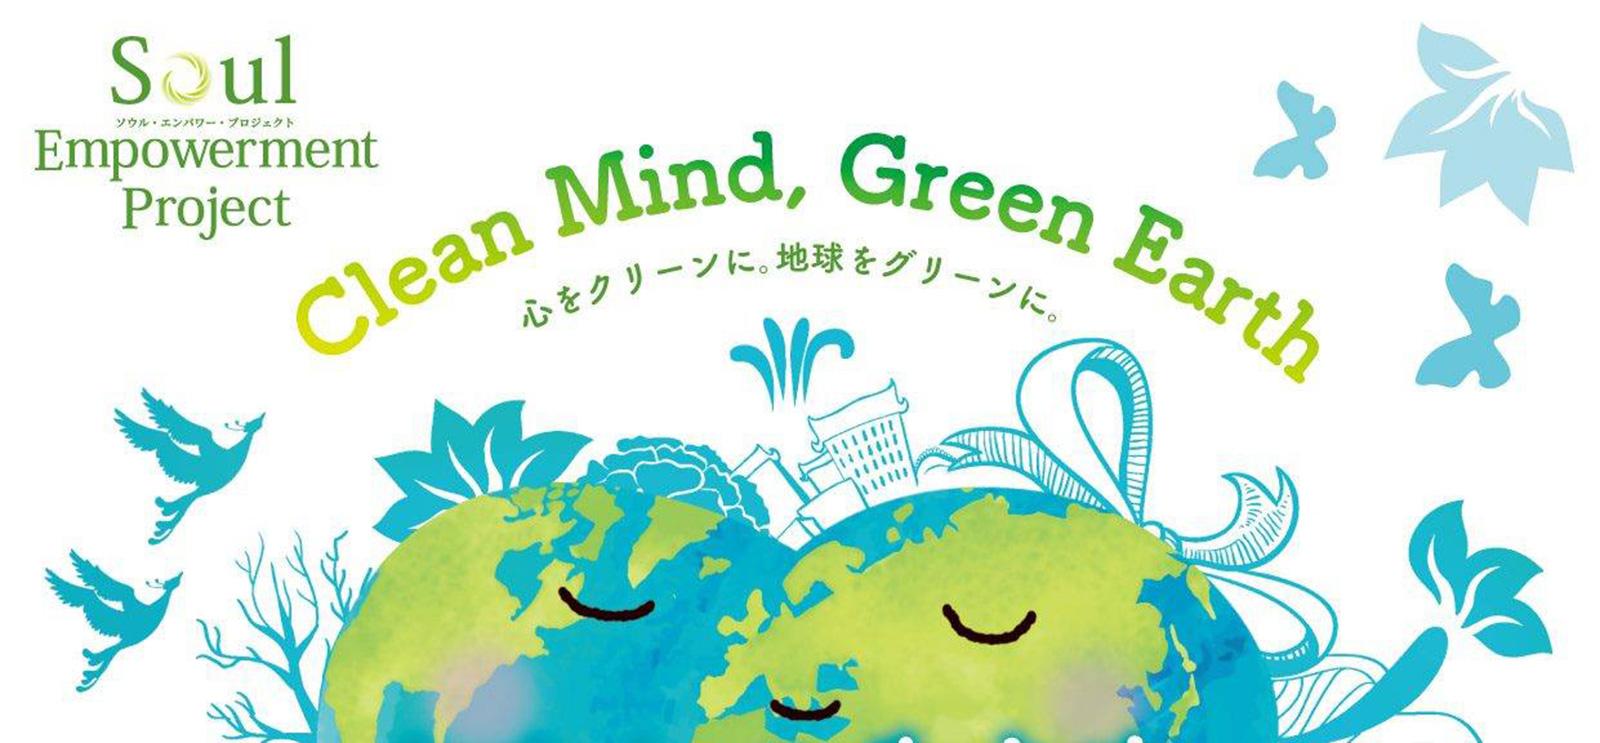 【気候変動に関する講演・瞑想イベント】私の生き方×地球環境:Claean Mind, Green Earth